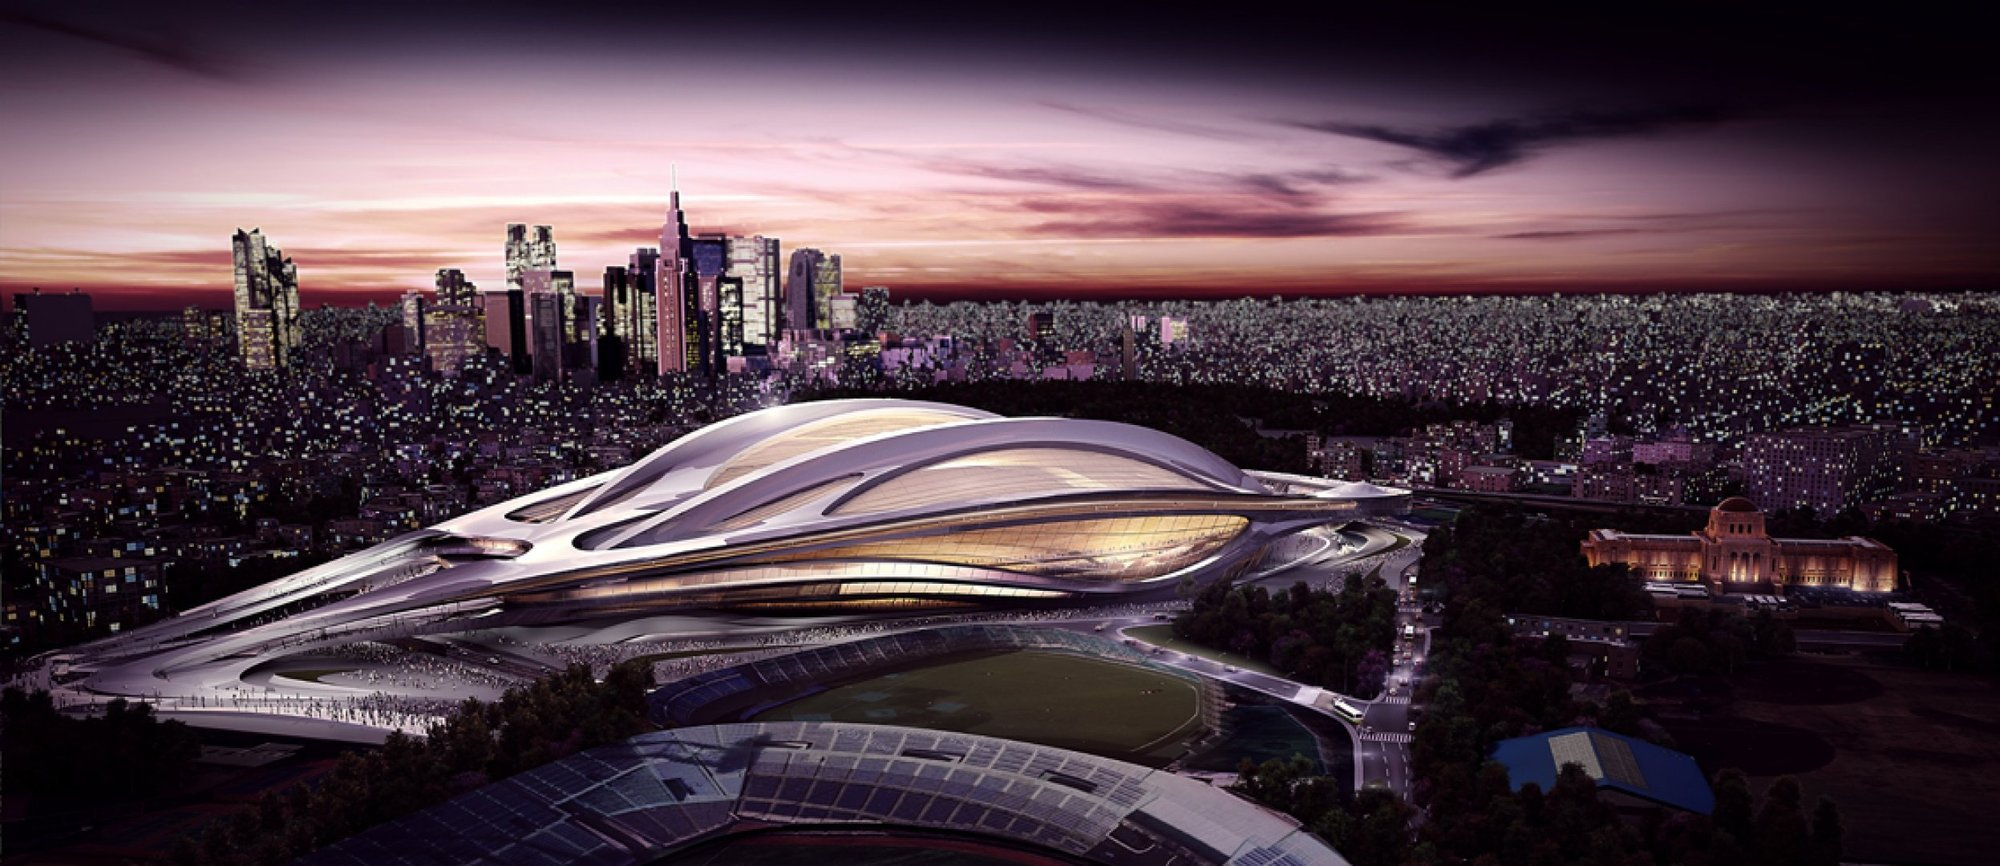 Zaha Hadid Architects Reveals Modified Tokyo National Stadium Designs, Zaha Hadid Architects' original design for the Tokyo National Stadium. Image Courtesy of ZHA